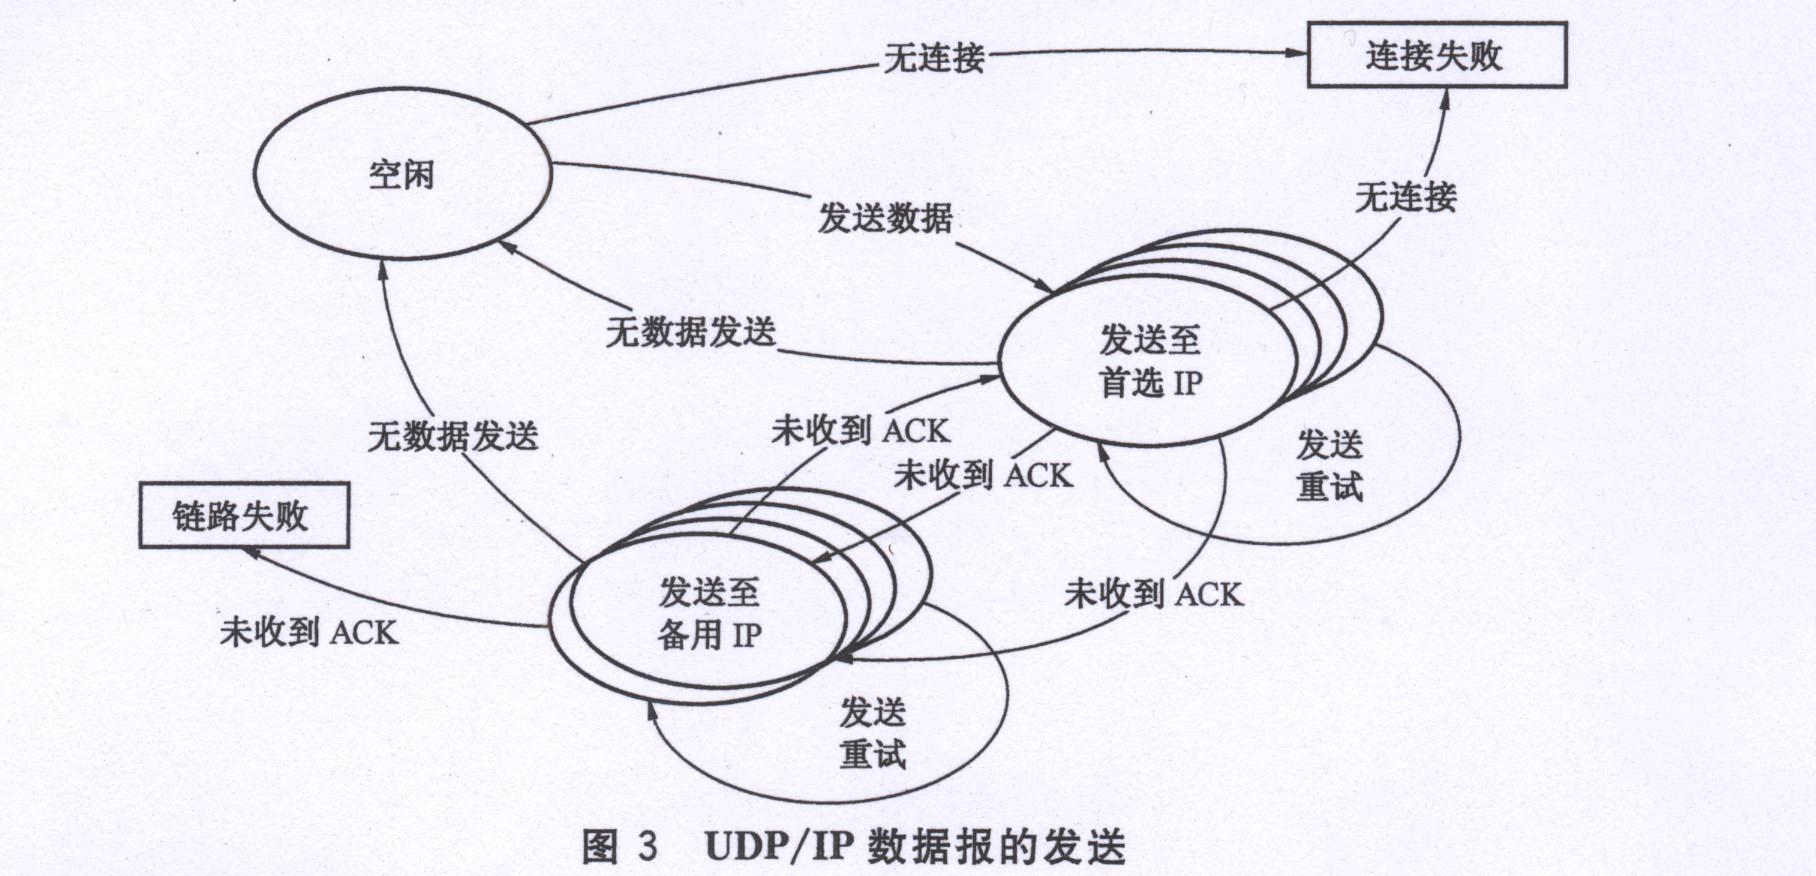 画出gsm系统的网络结构图